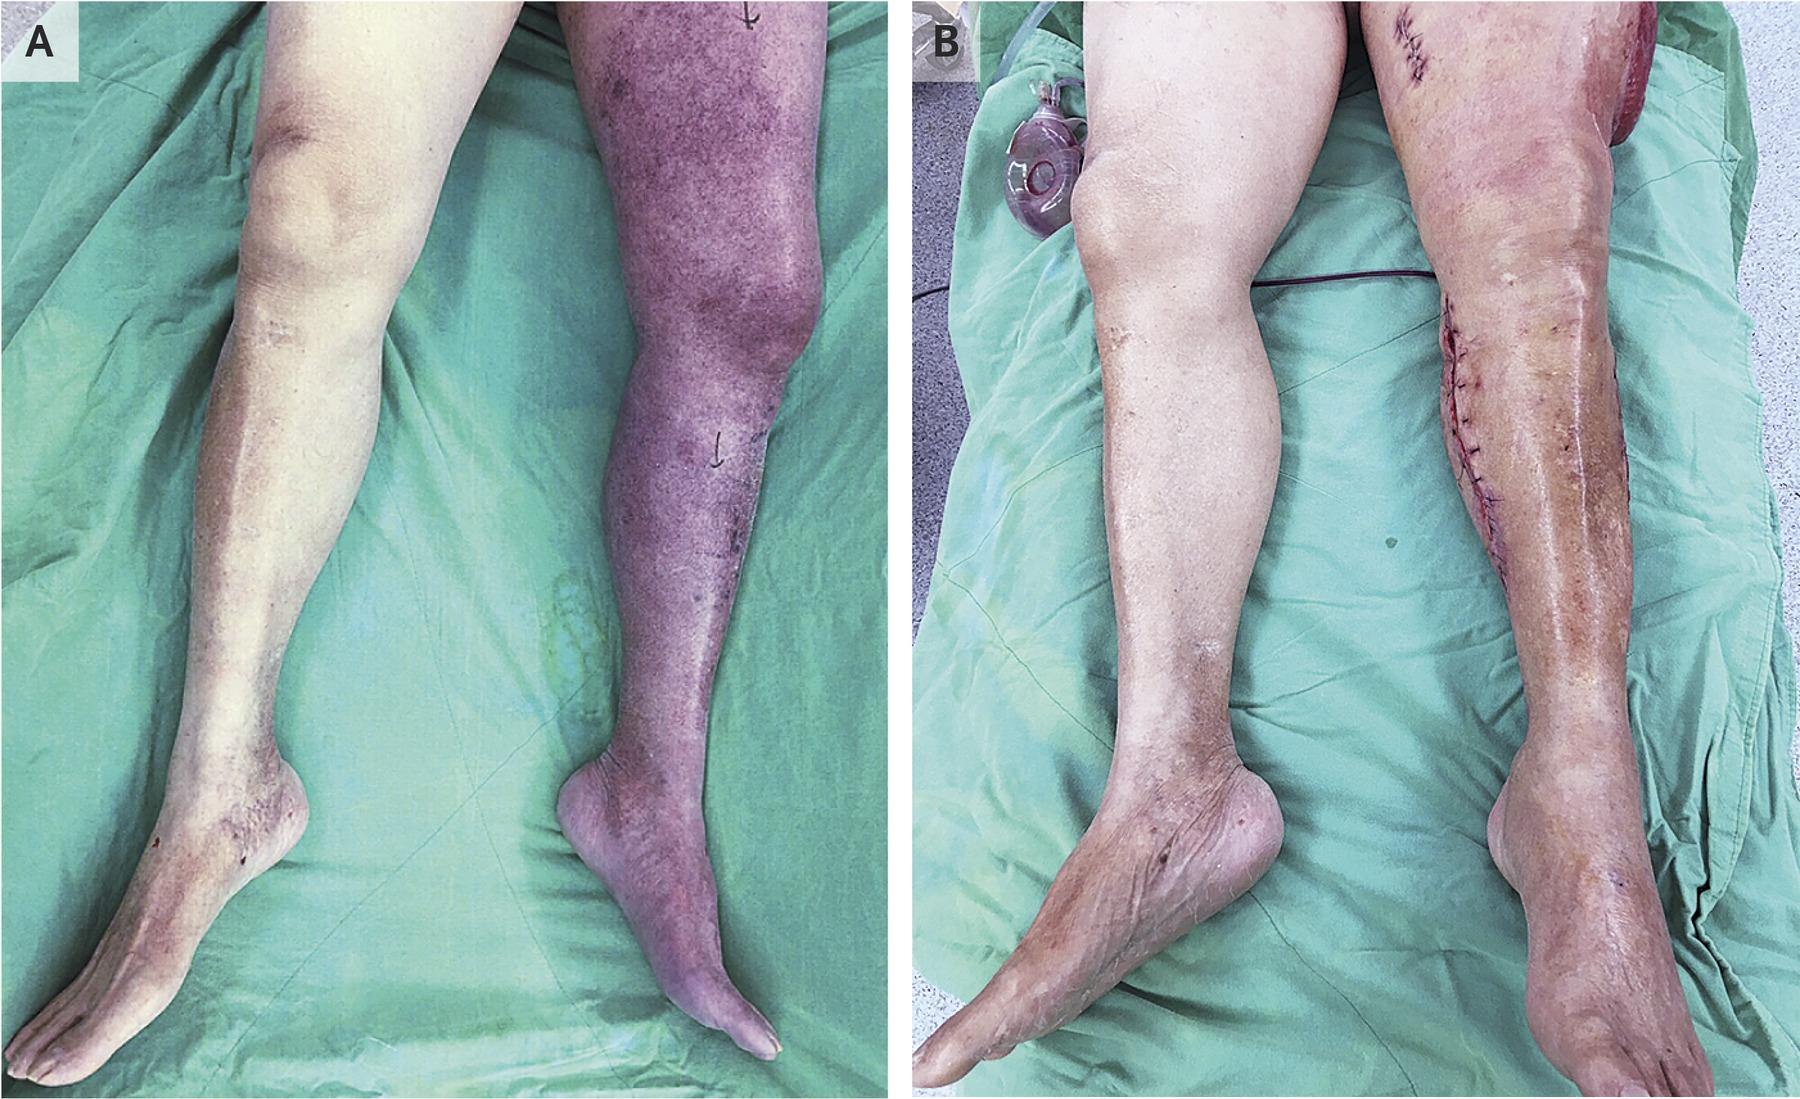 [NEJM临床医学影像]:骨筋膜室综合征的股蓝肿